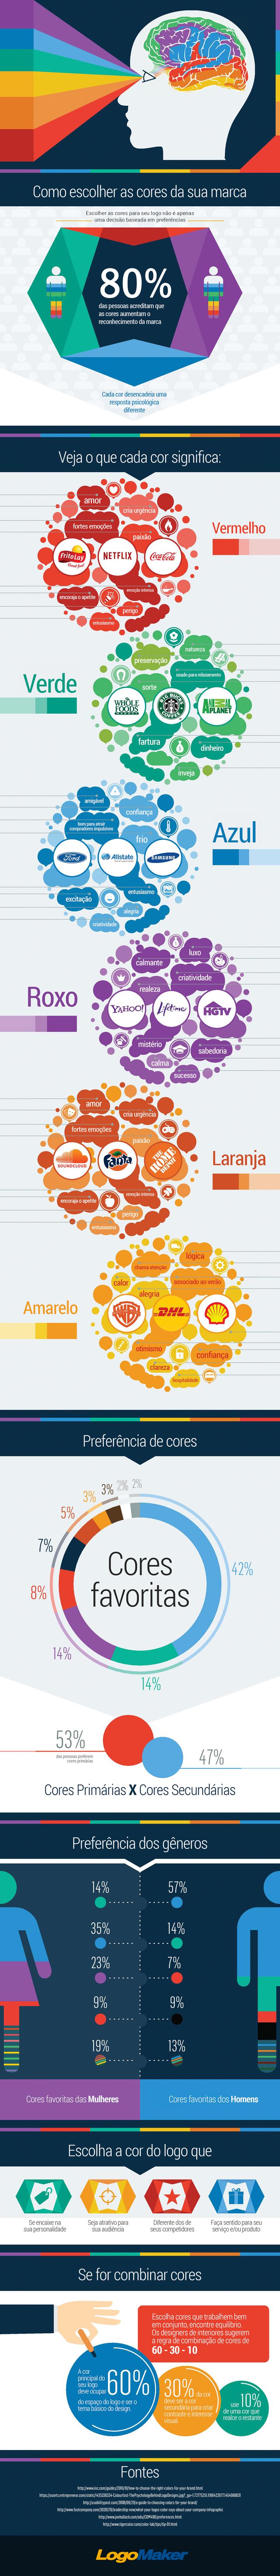 Como escolher cores para sua marca - LogoMaker